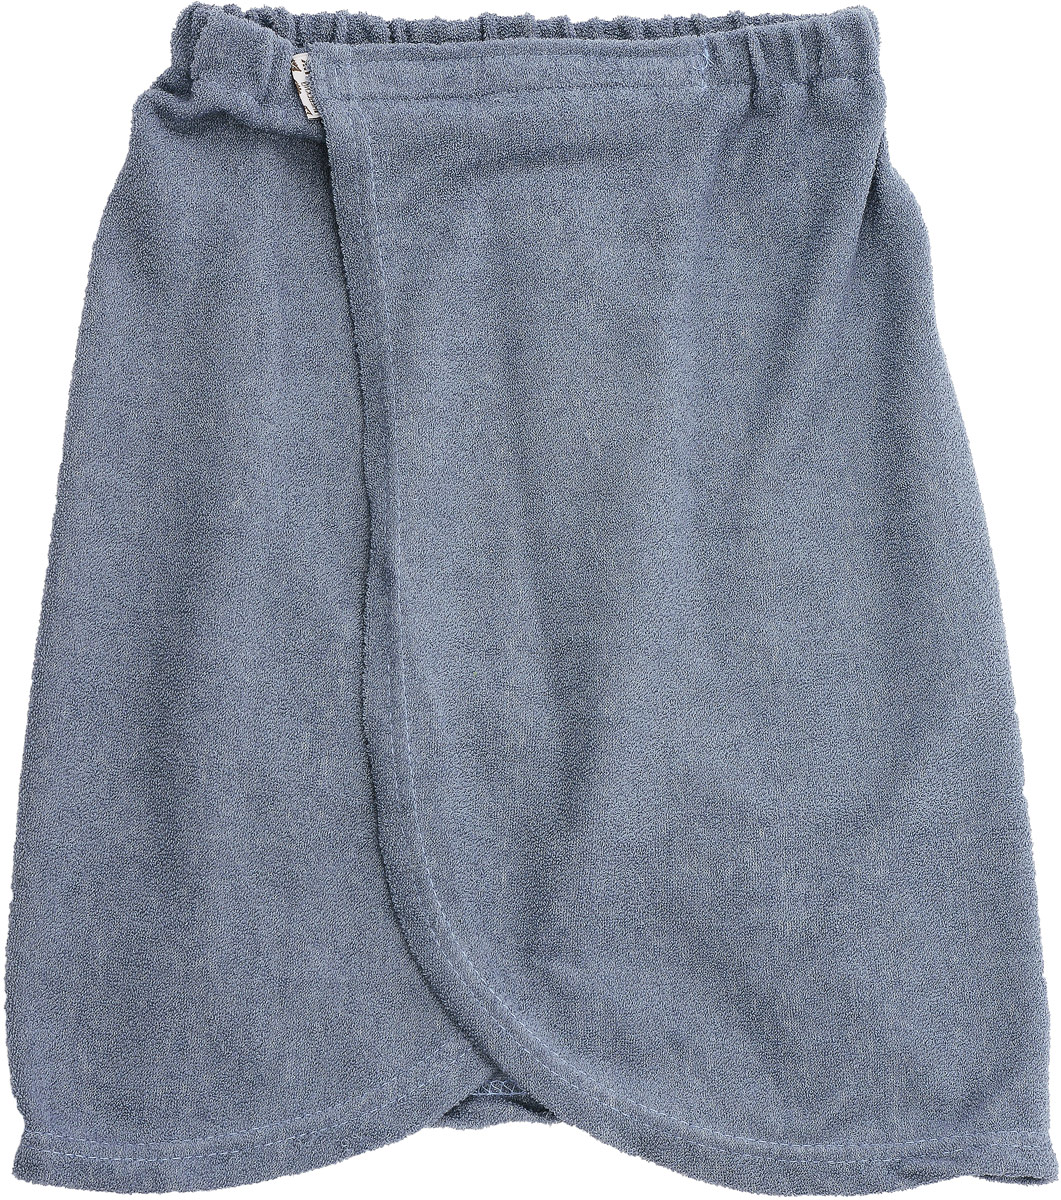 Килт для бани детский Юный банщик, цвет: серый, 41 х 60 смRSP-202SКилт Юный банщик изготовлен из натурально хлопка.Детский банный килт - это многофункциональная накидка специального покроя с резинкой и застежкой-липучкой. В парилке можно лежать на нем, после душа вытираться. Длина килта: 41 см.Ширина килта (по поясу): 60 см.Рекомендуемый рост: 128 - 146 см.